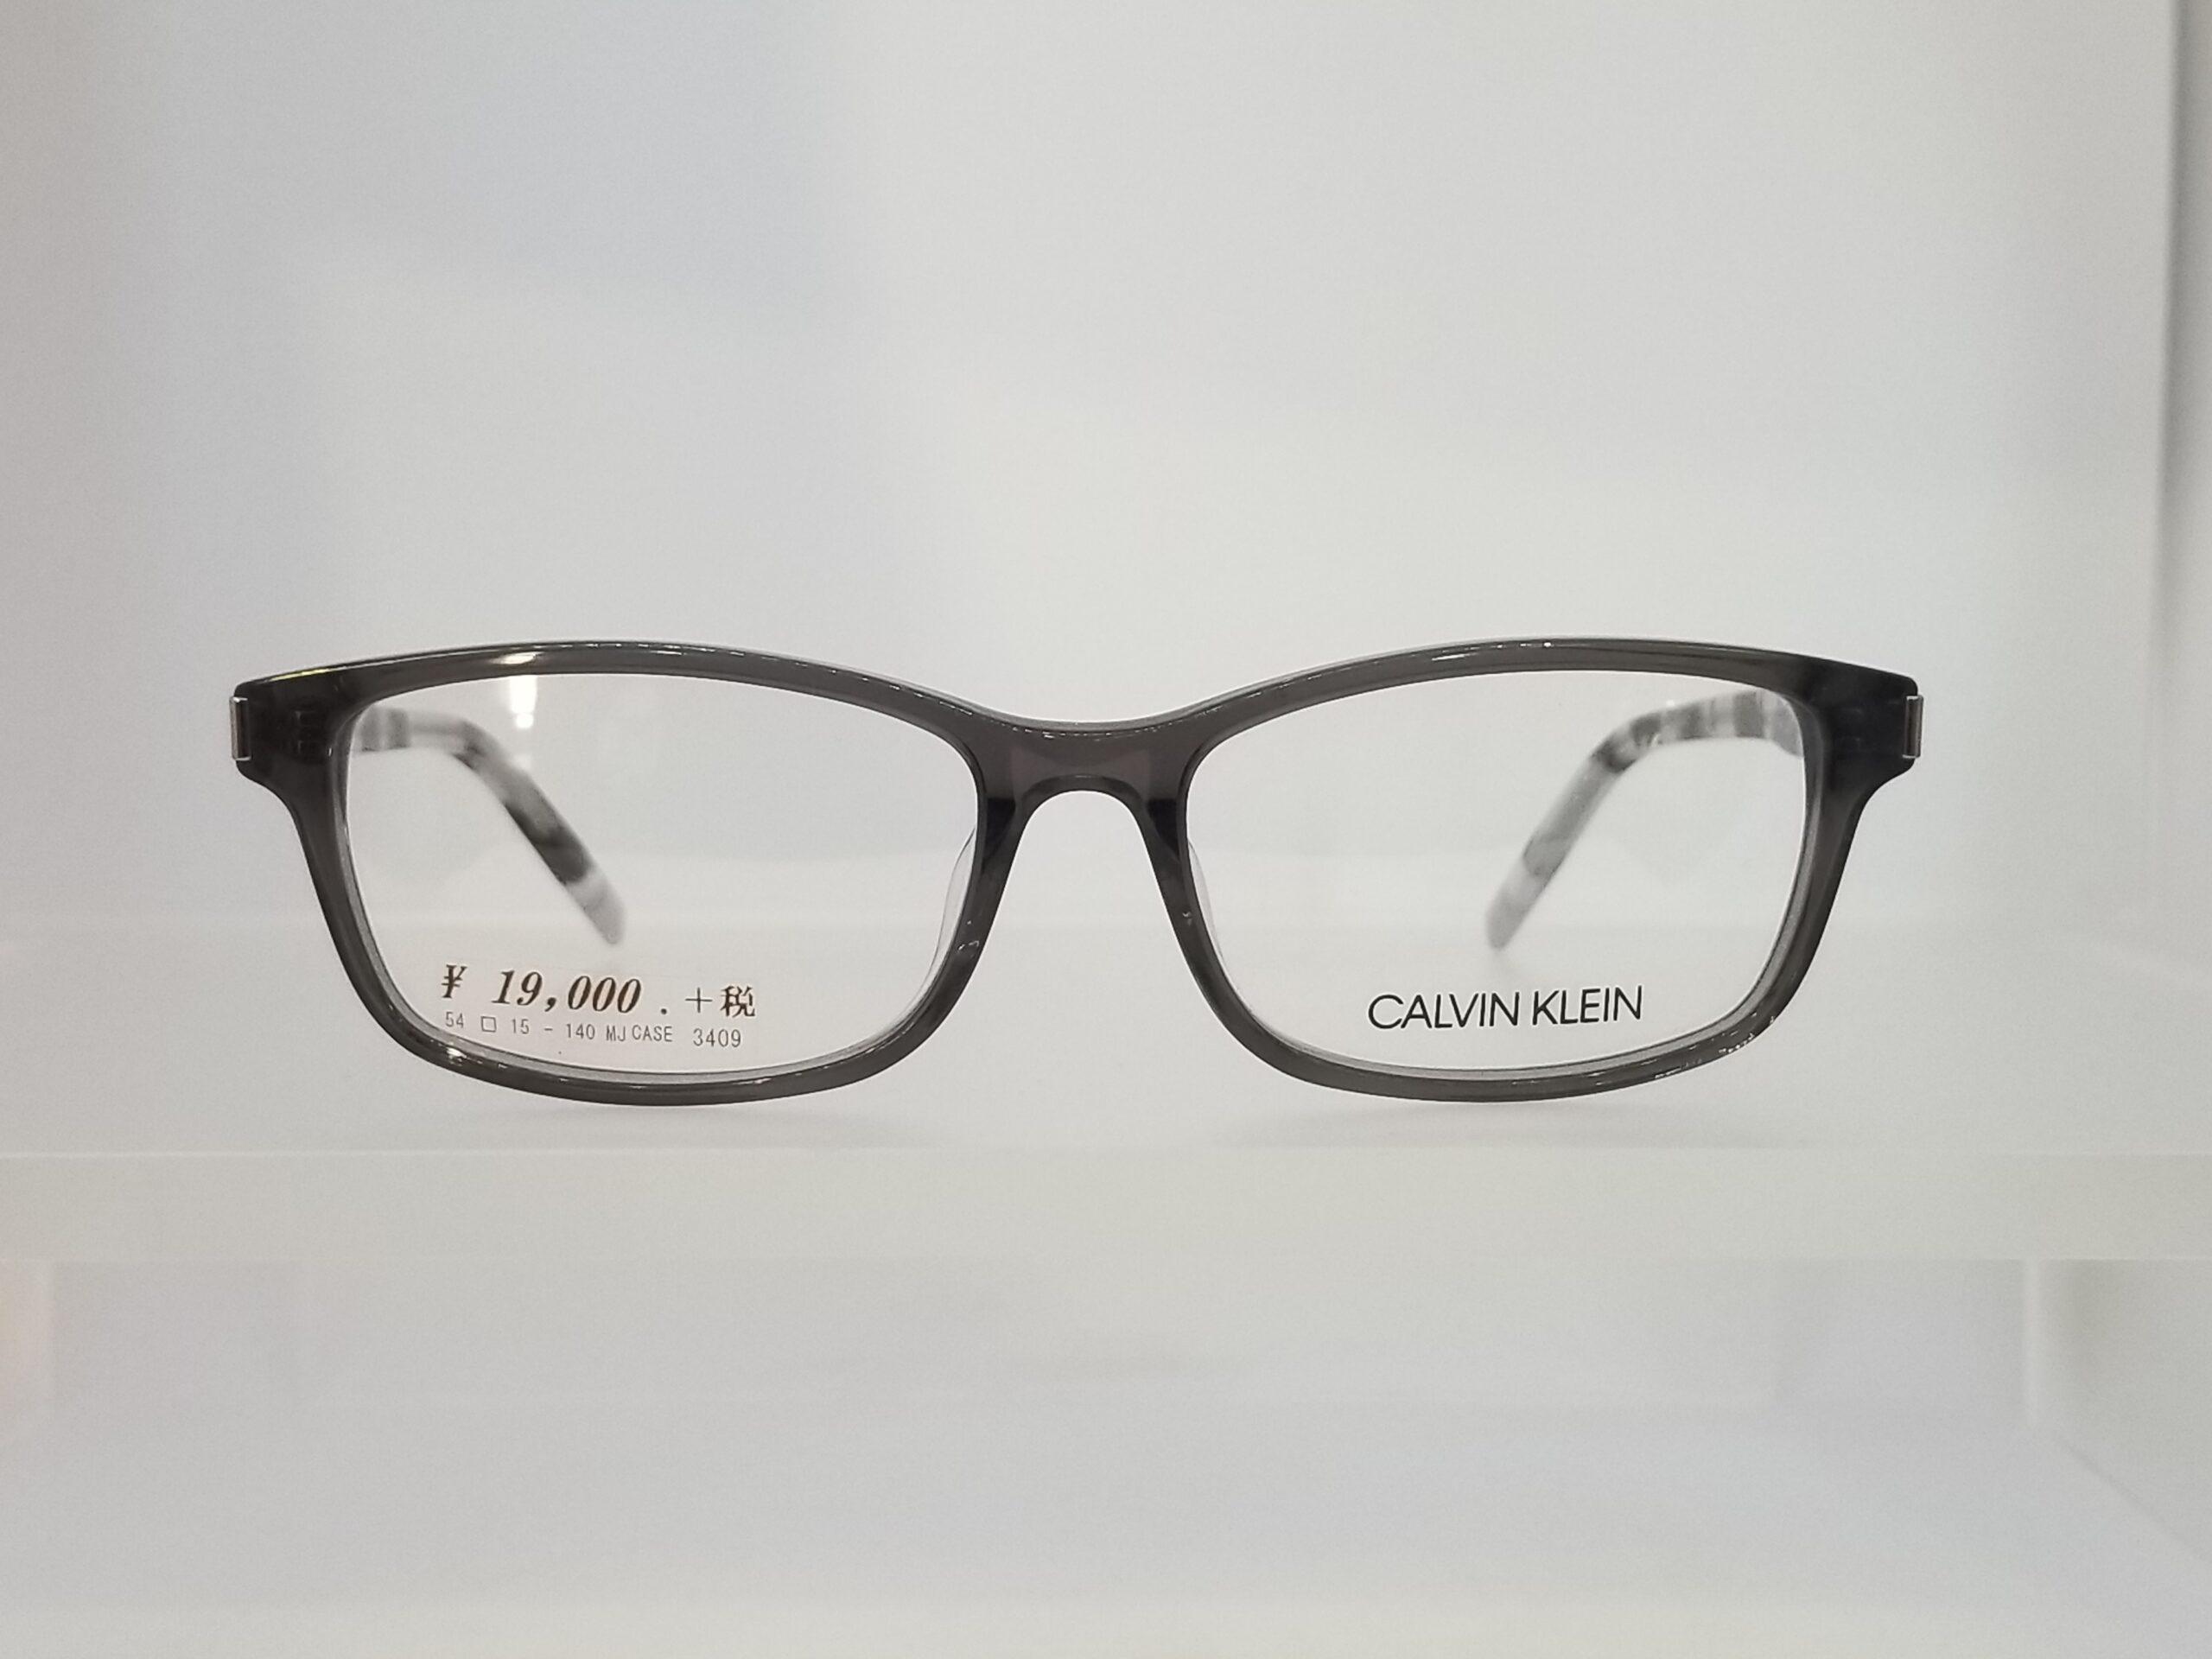 CALVIN KLEIN CK5999Aスライド02